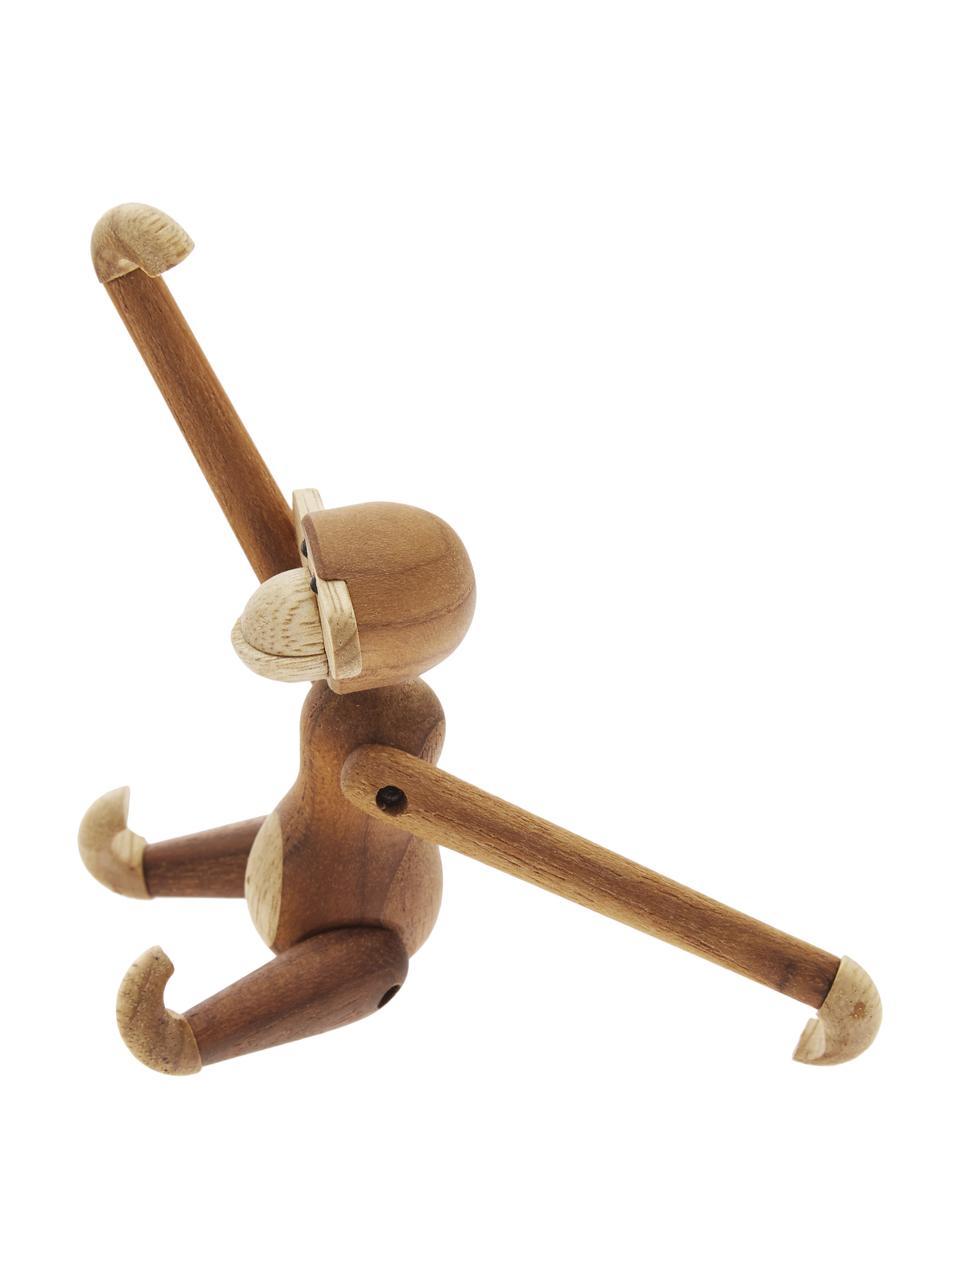 Dekoracja z drewna tekowego Monkey, Drewno tekowe, drewno limba, lakierowane, Drewno tekowe, drewno limba, S 10 x W 10 cm